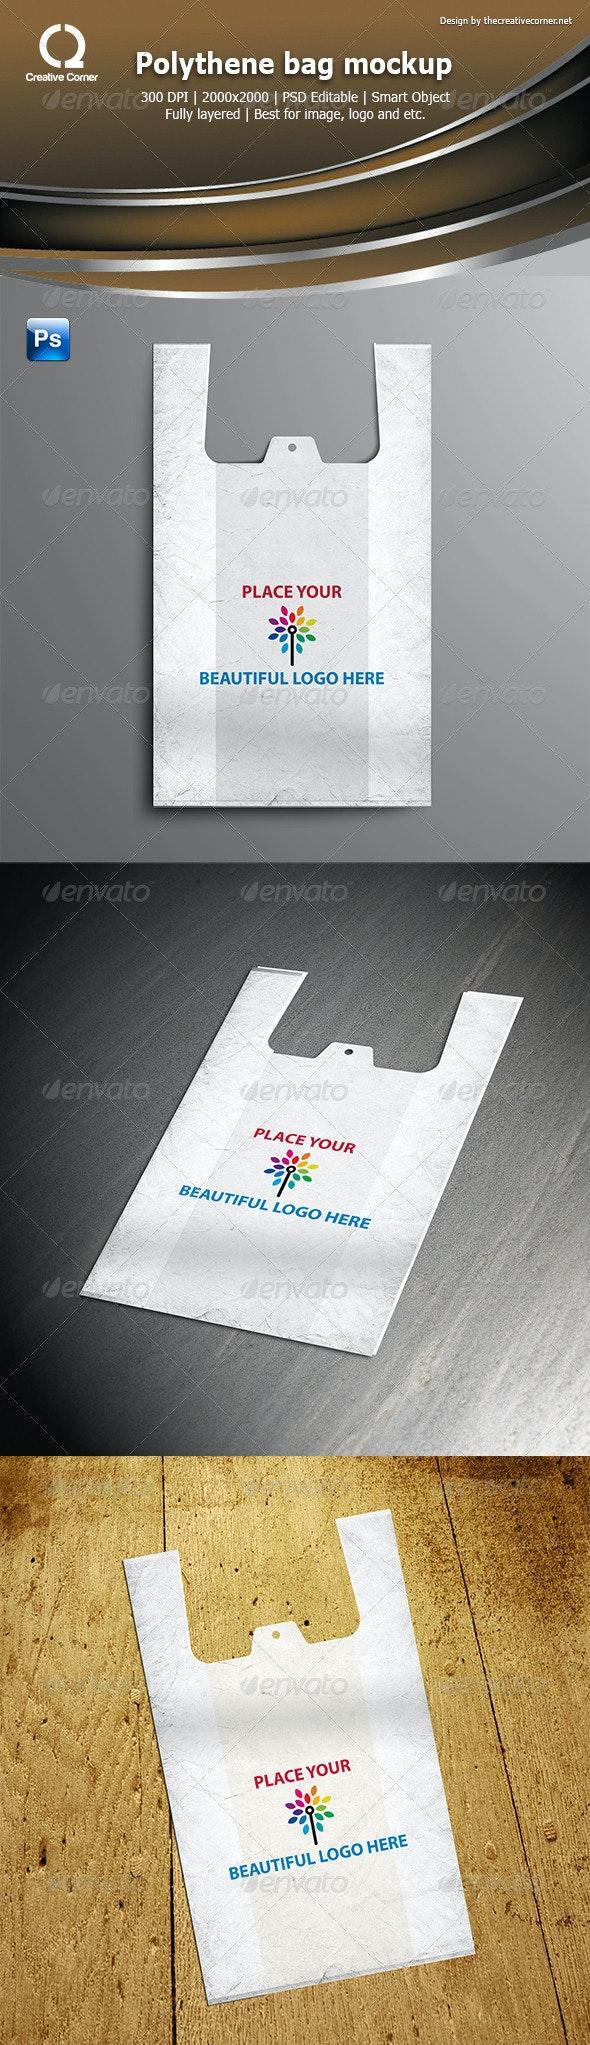 Polythene bag mockup - Product Mock-Ups Graphics